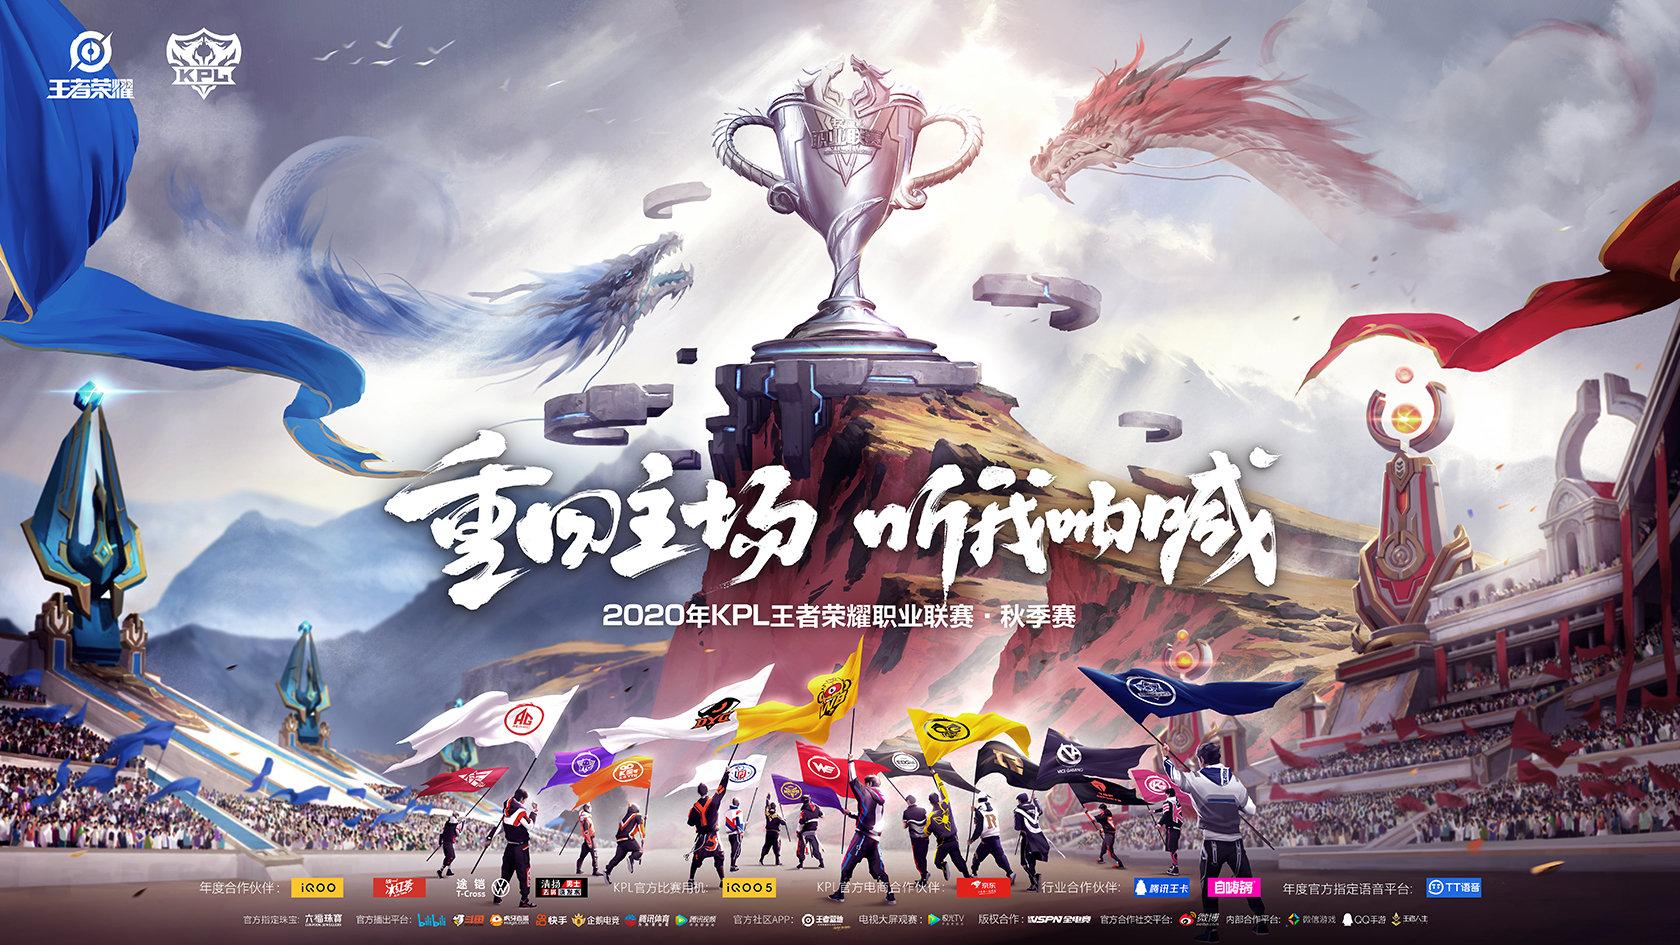 2020kpl秋季赛常规赛9月17日LGD大鹅vsDYG第三场比赛视频回放